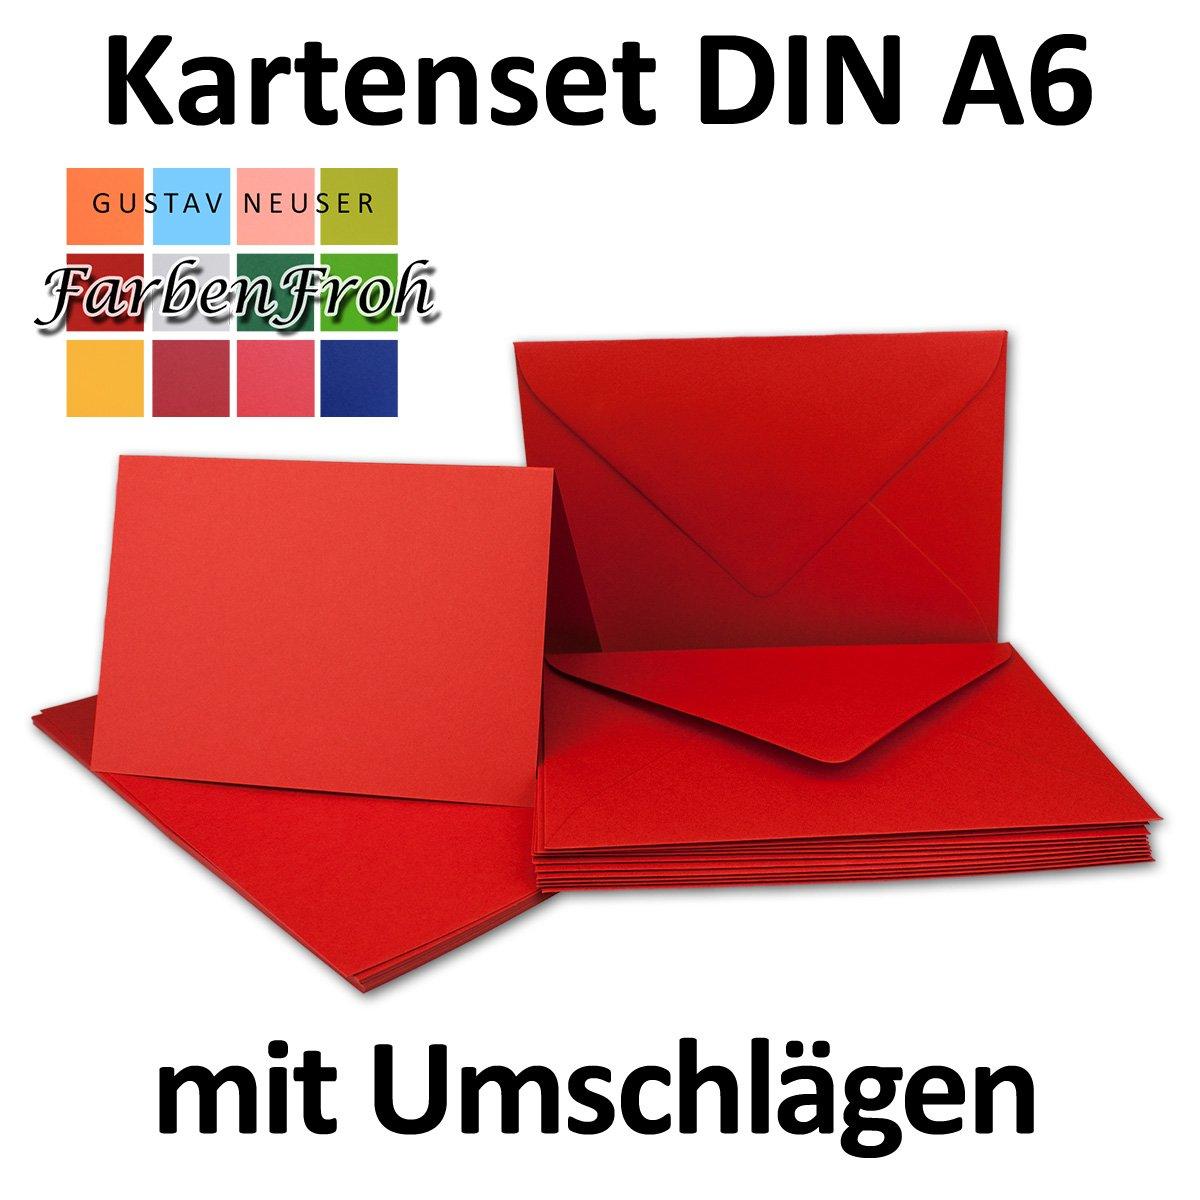 Faltkarten Faltkarten Faltkarten Set mit Brief-Umschlägen DIN A6   C6 in Rosanrot   100 Sets   14,8 x 10,5 cm   Premium Qualität   Serie FarbenFroh® B079ZYJ7QJ | Genial Und Praktisch  861f6b